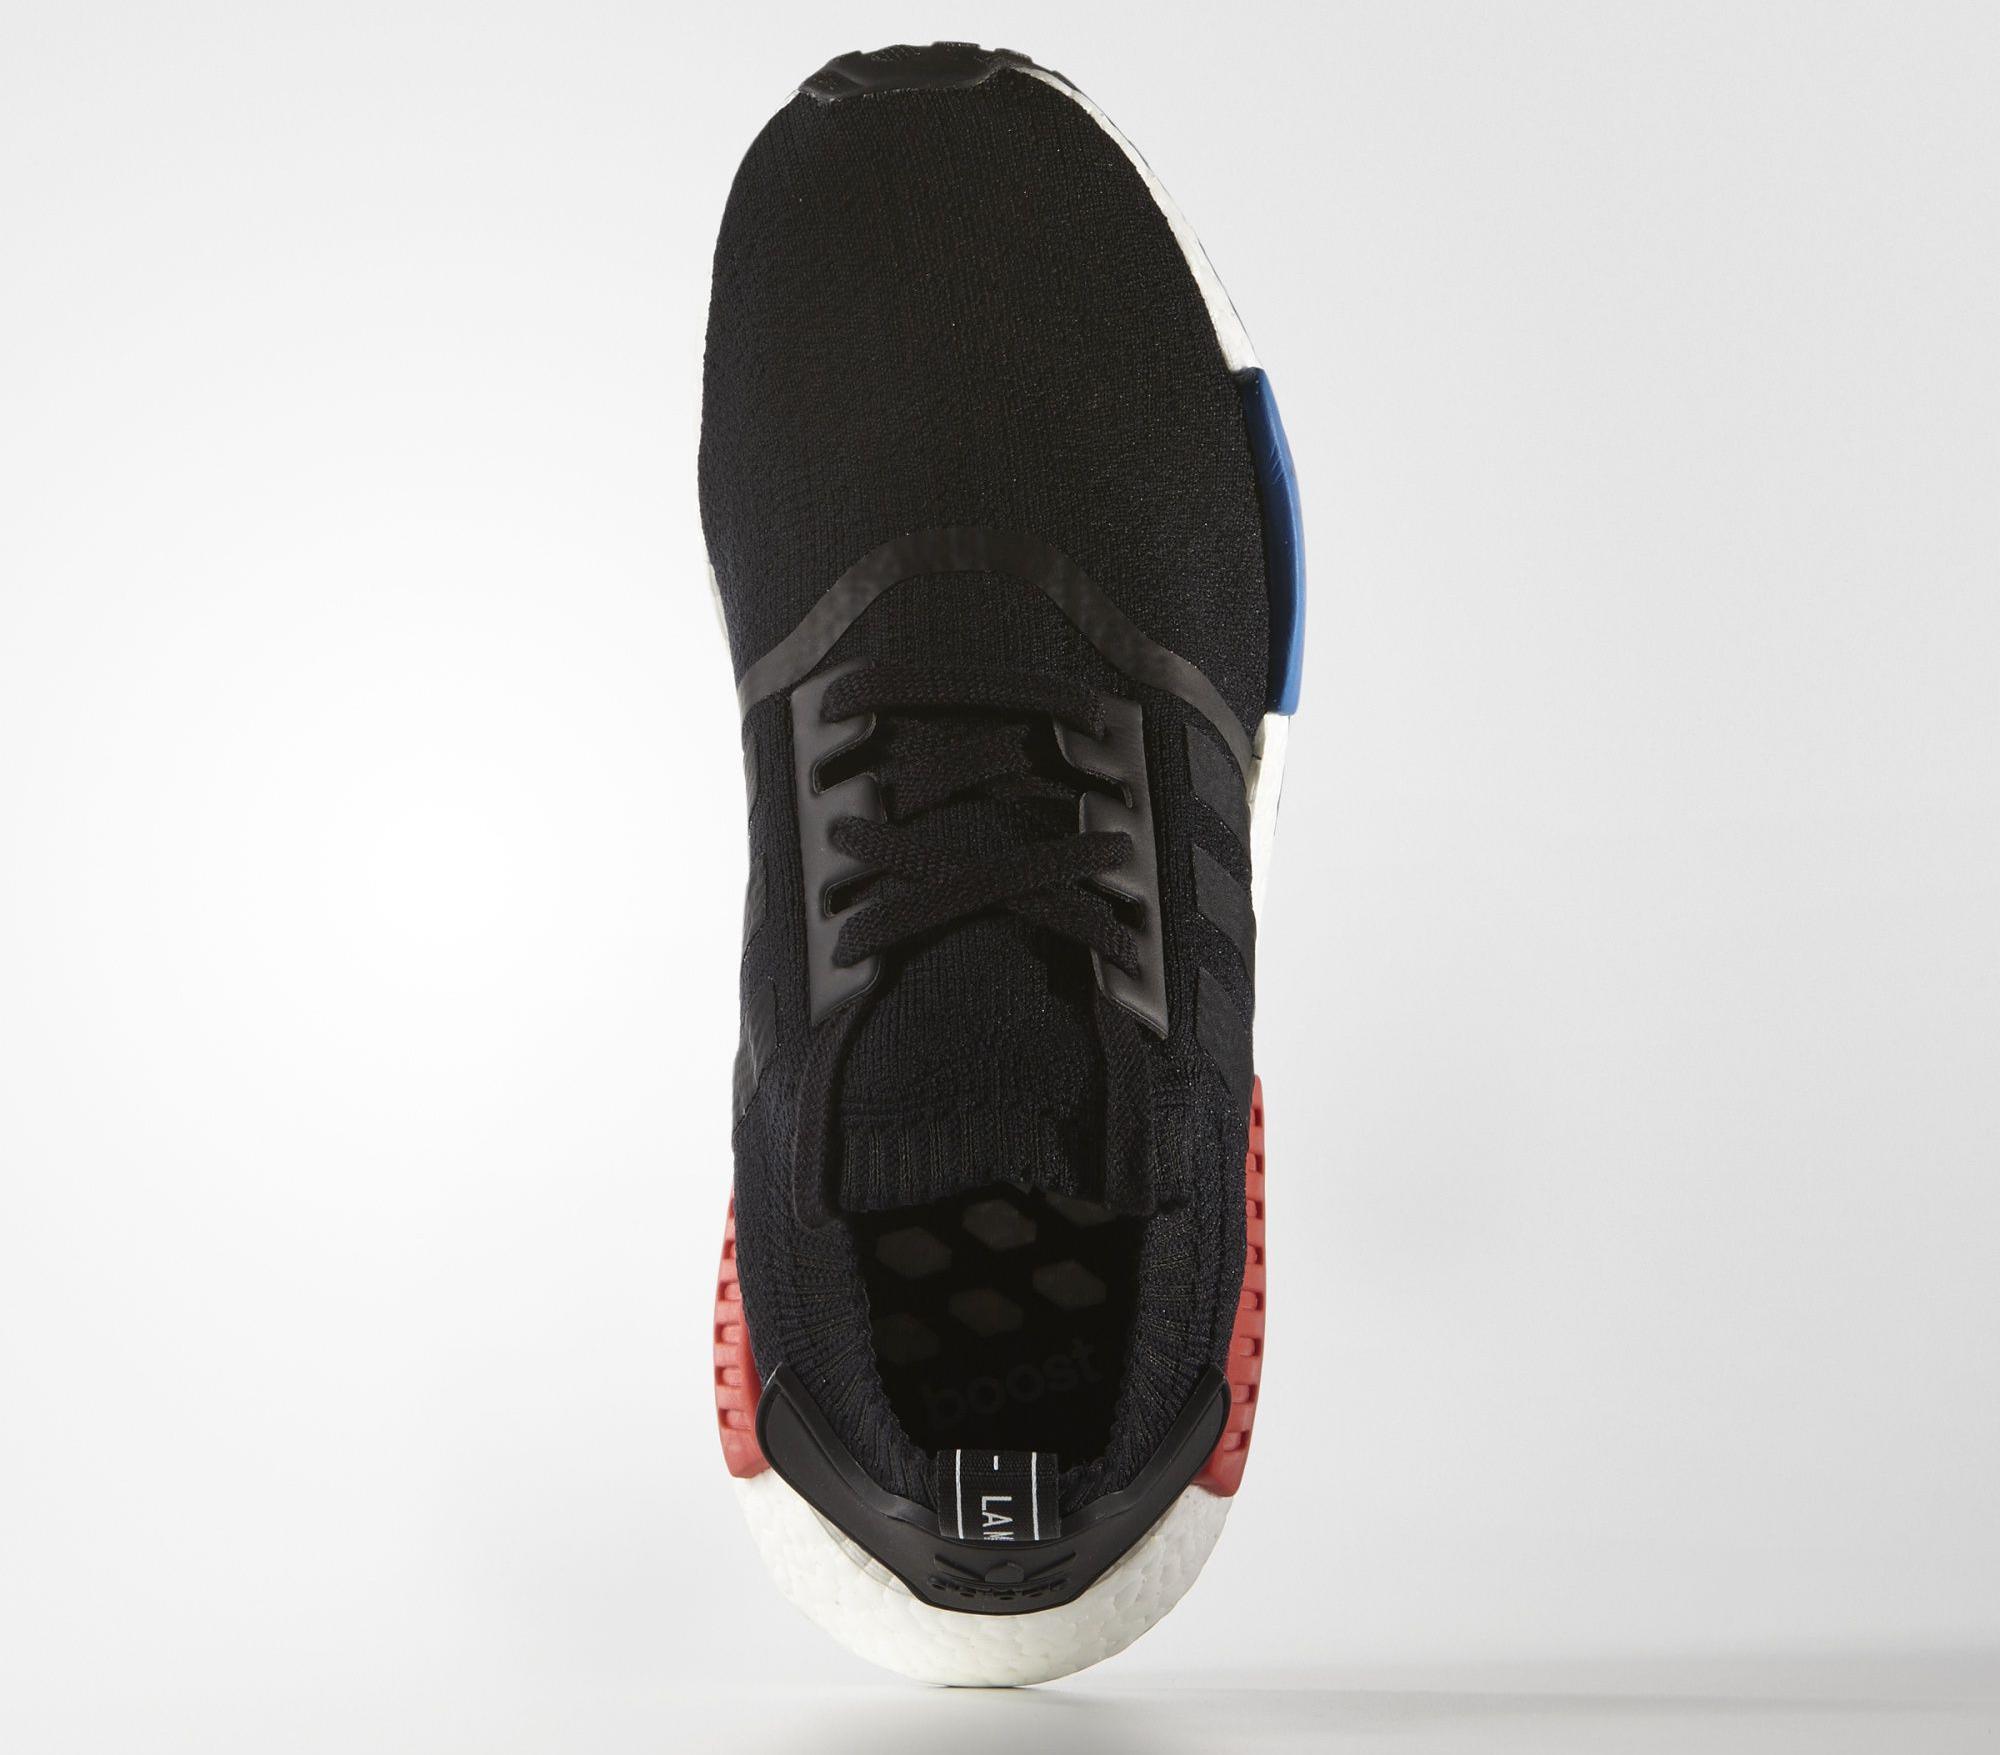 OG Adidas NMD S79168 Top